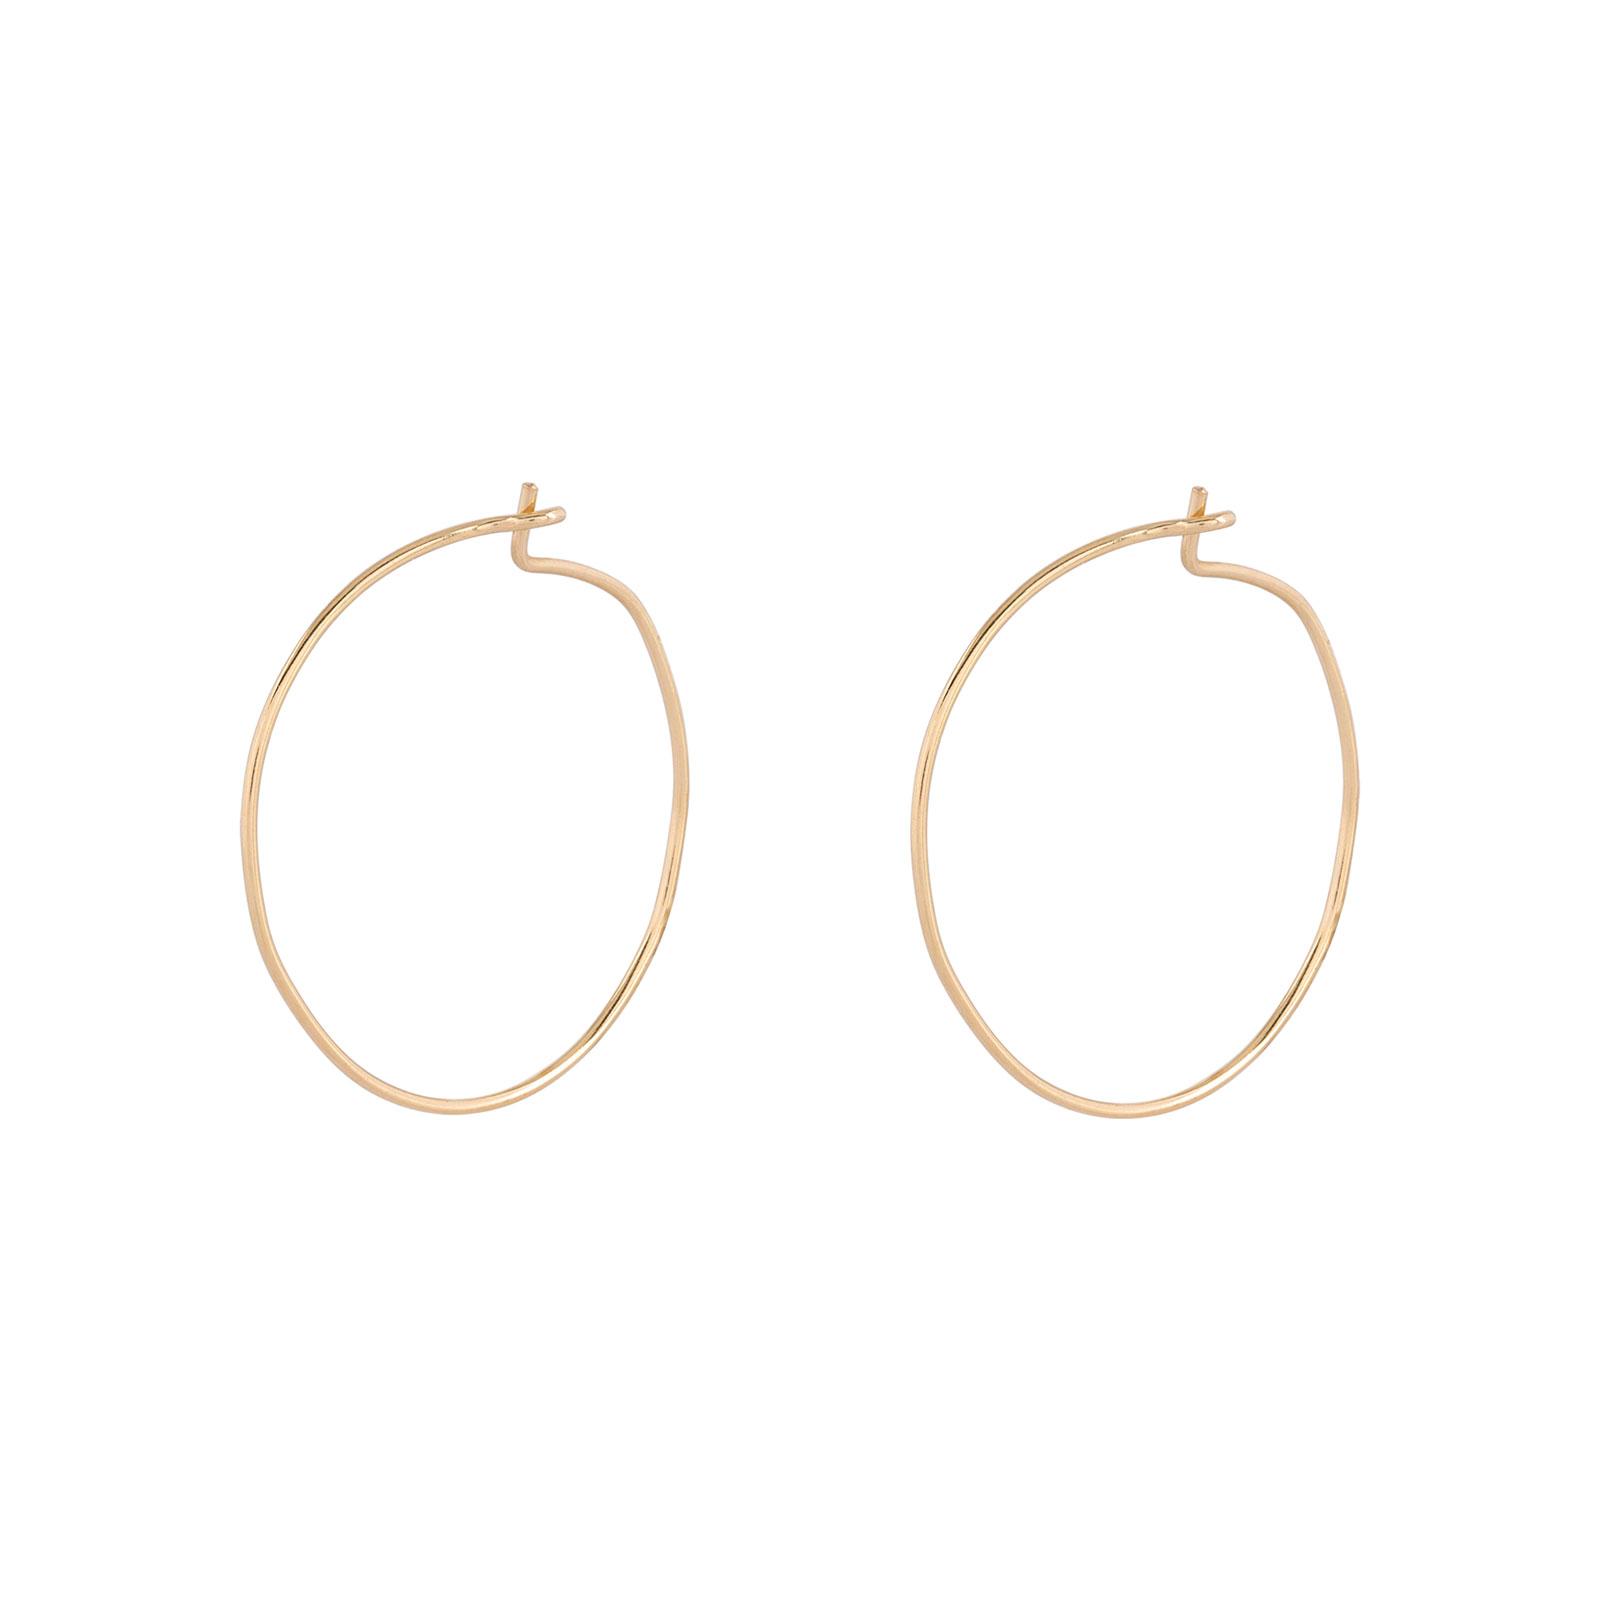 Örhängen 18k guld - Läkringar 10 mm